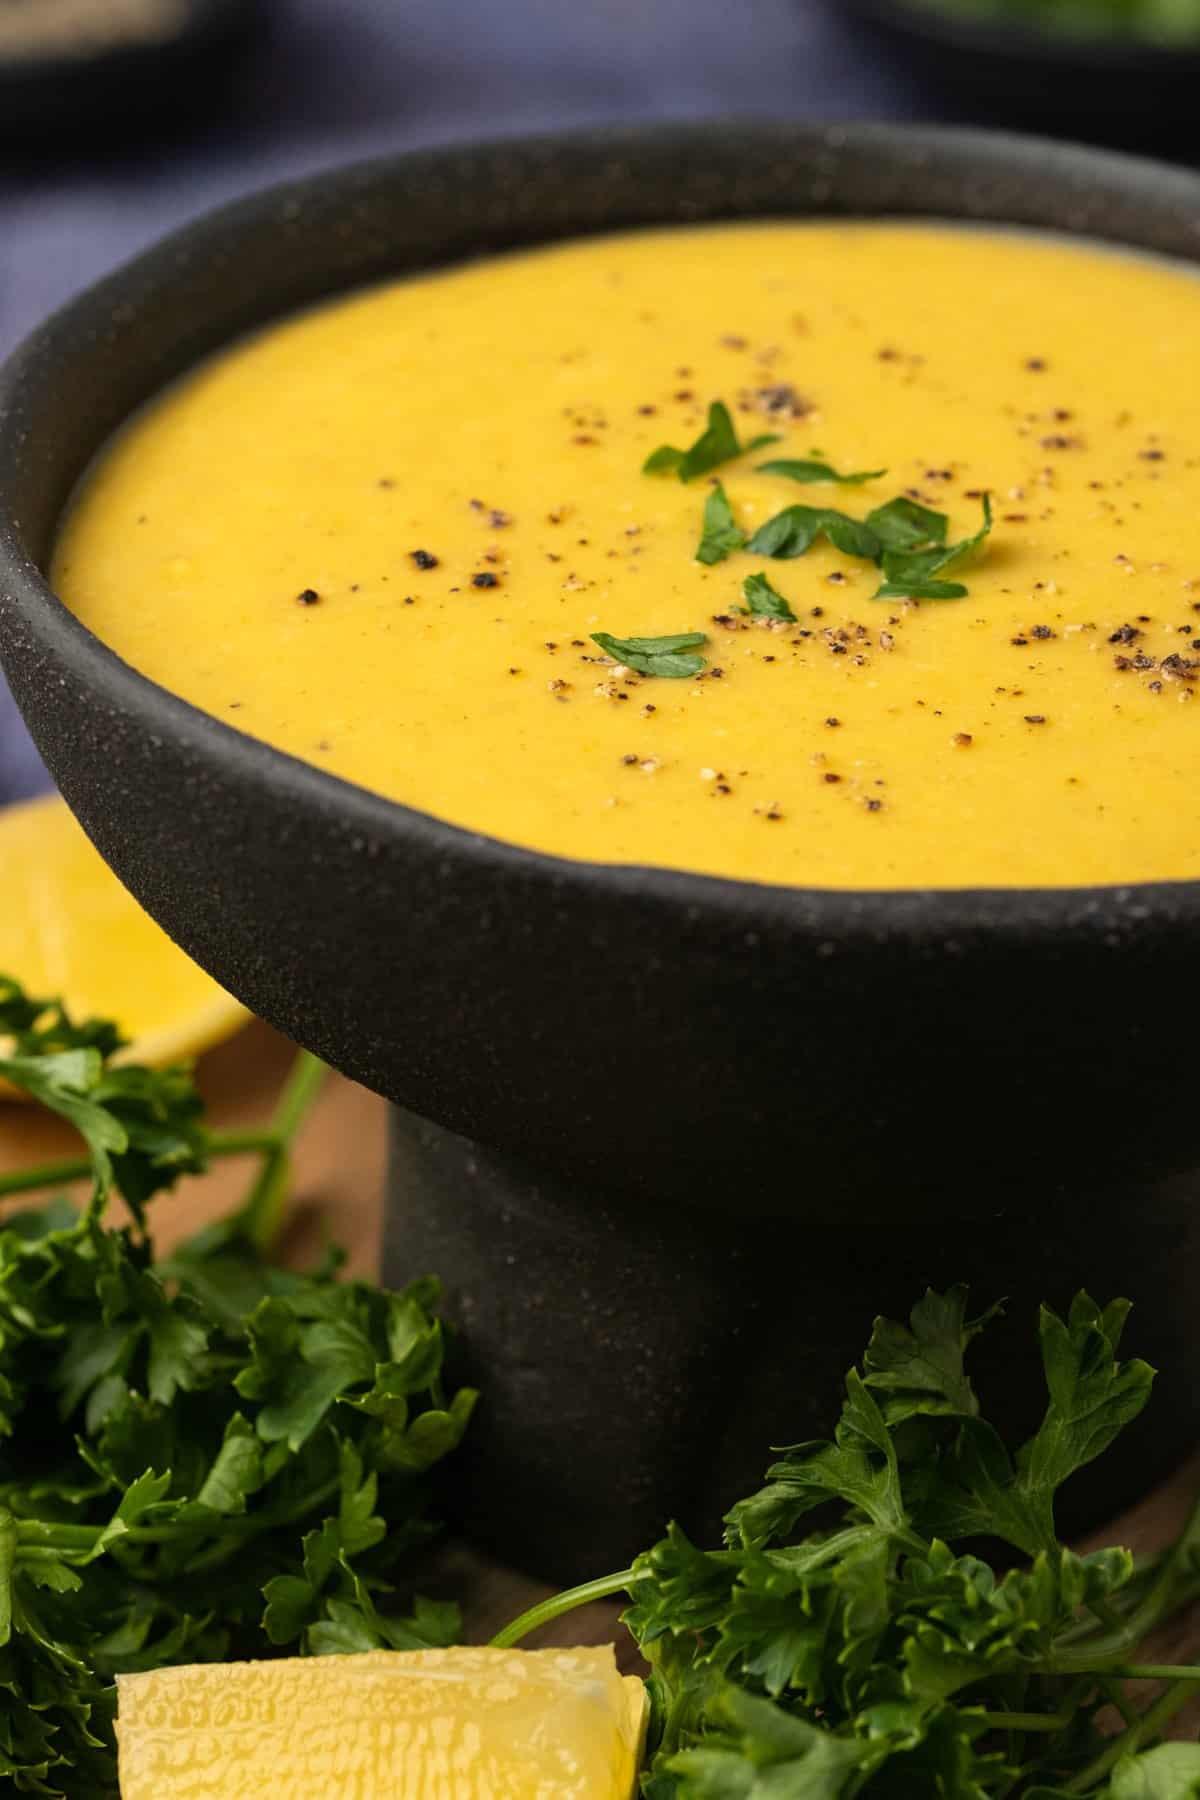 Middle eastern lentil soup in a black bowl.